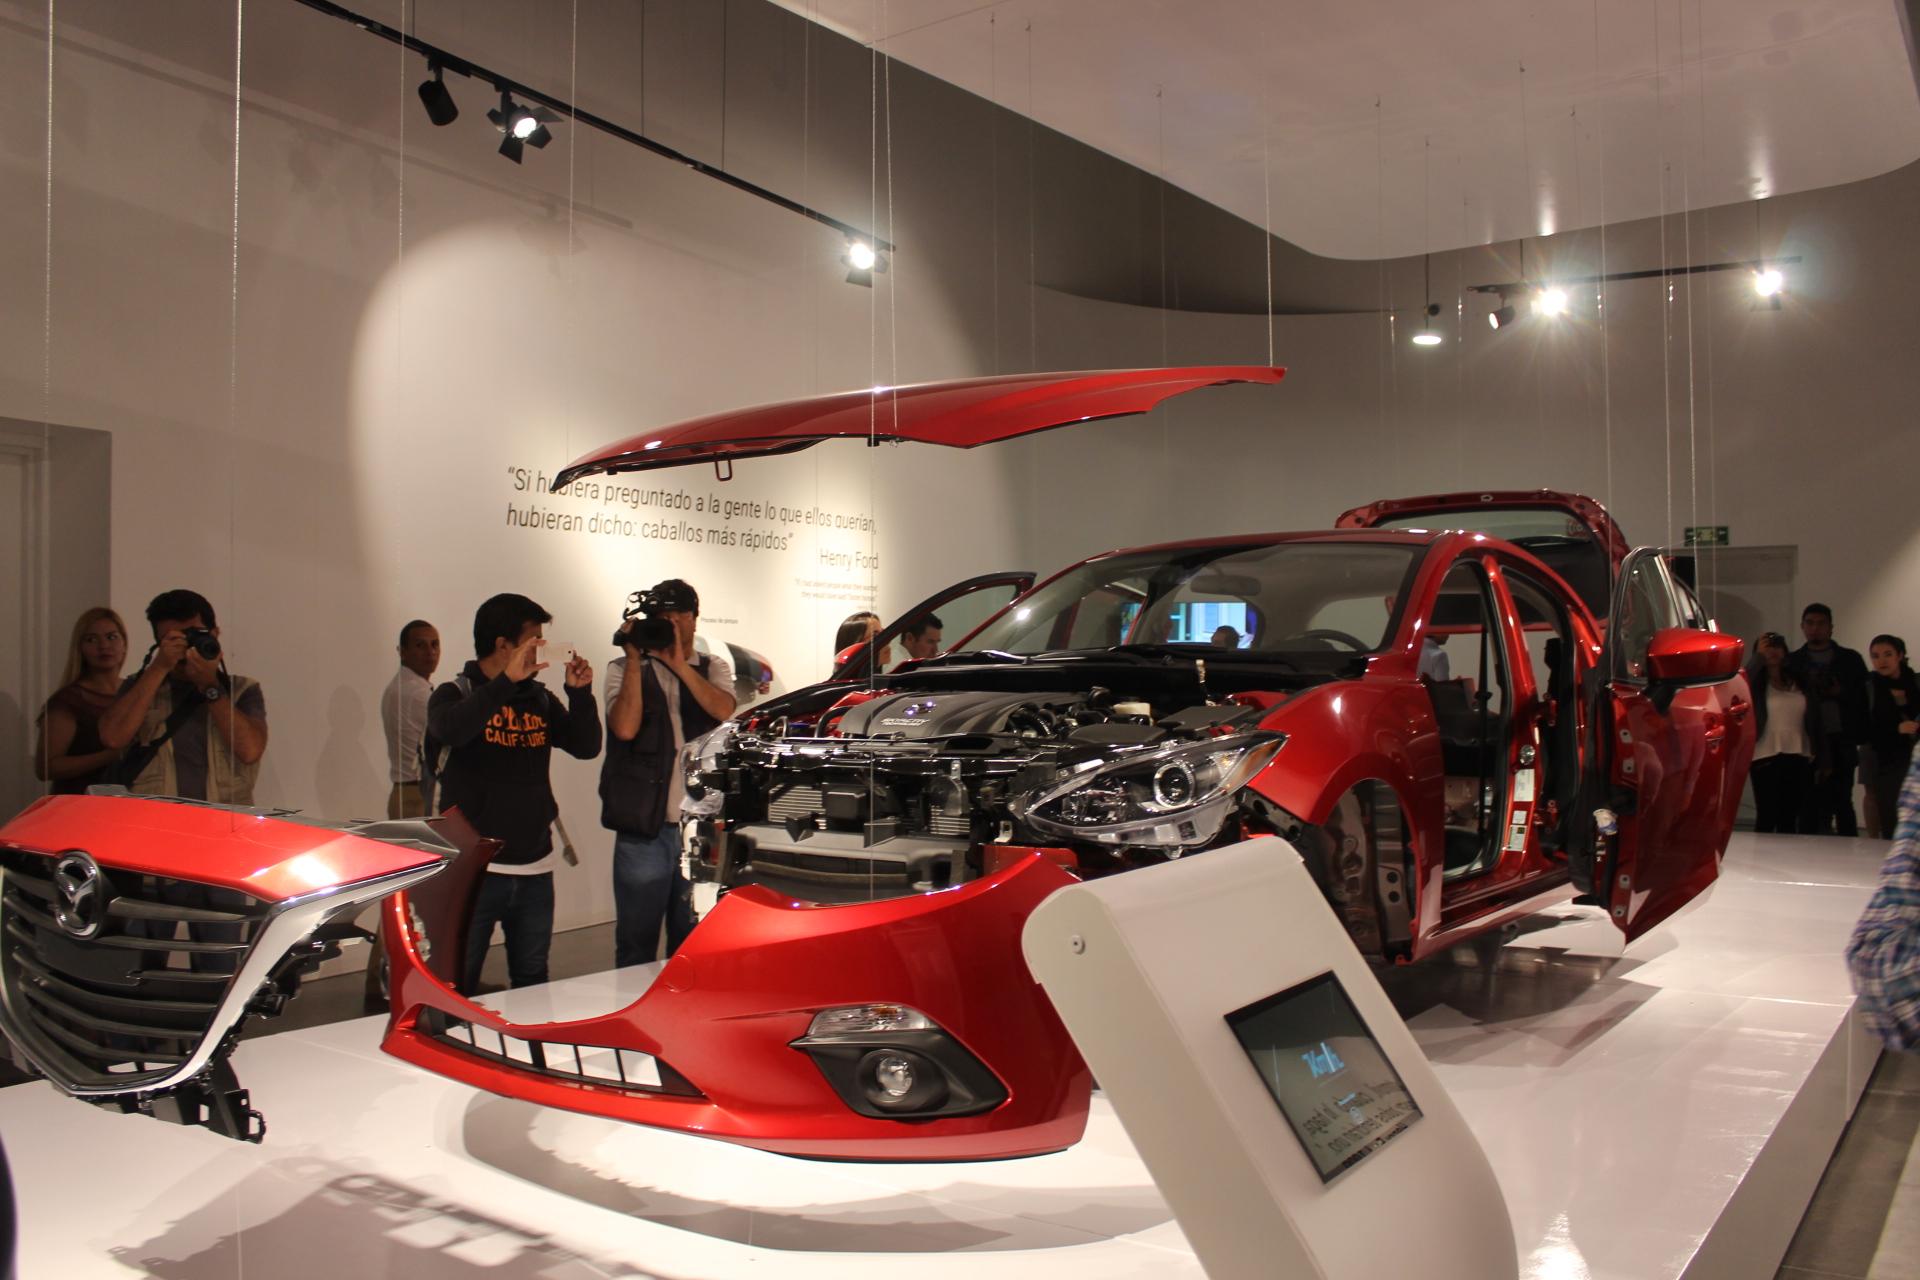 Abren Museo del Automóvil en Parque Bicentenario - El Otro Enfoque ...